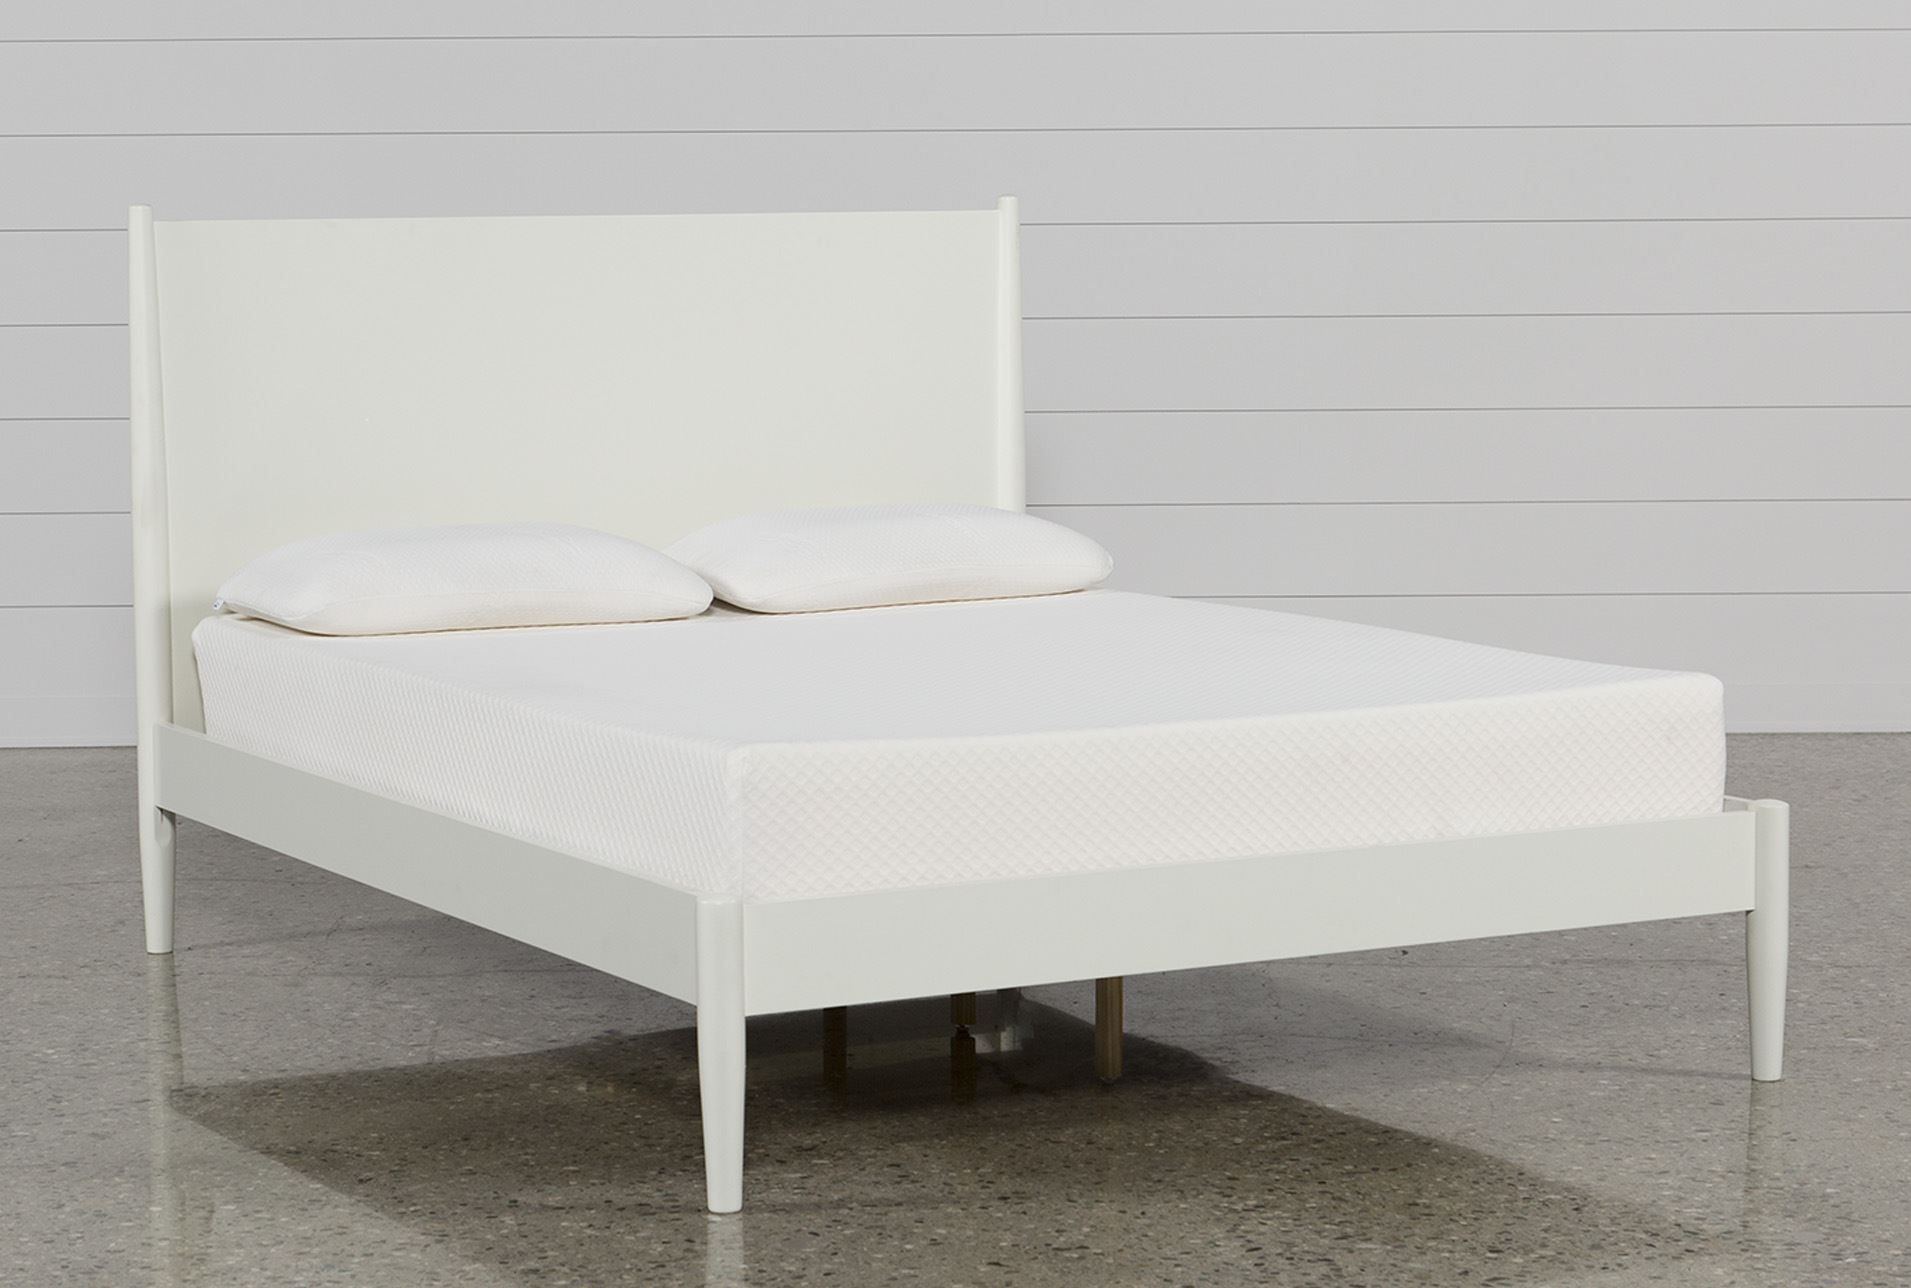 White Eastern King Platform Bed, Alton   Platform beds, King ...